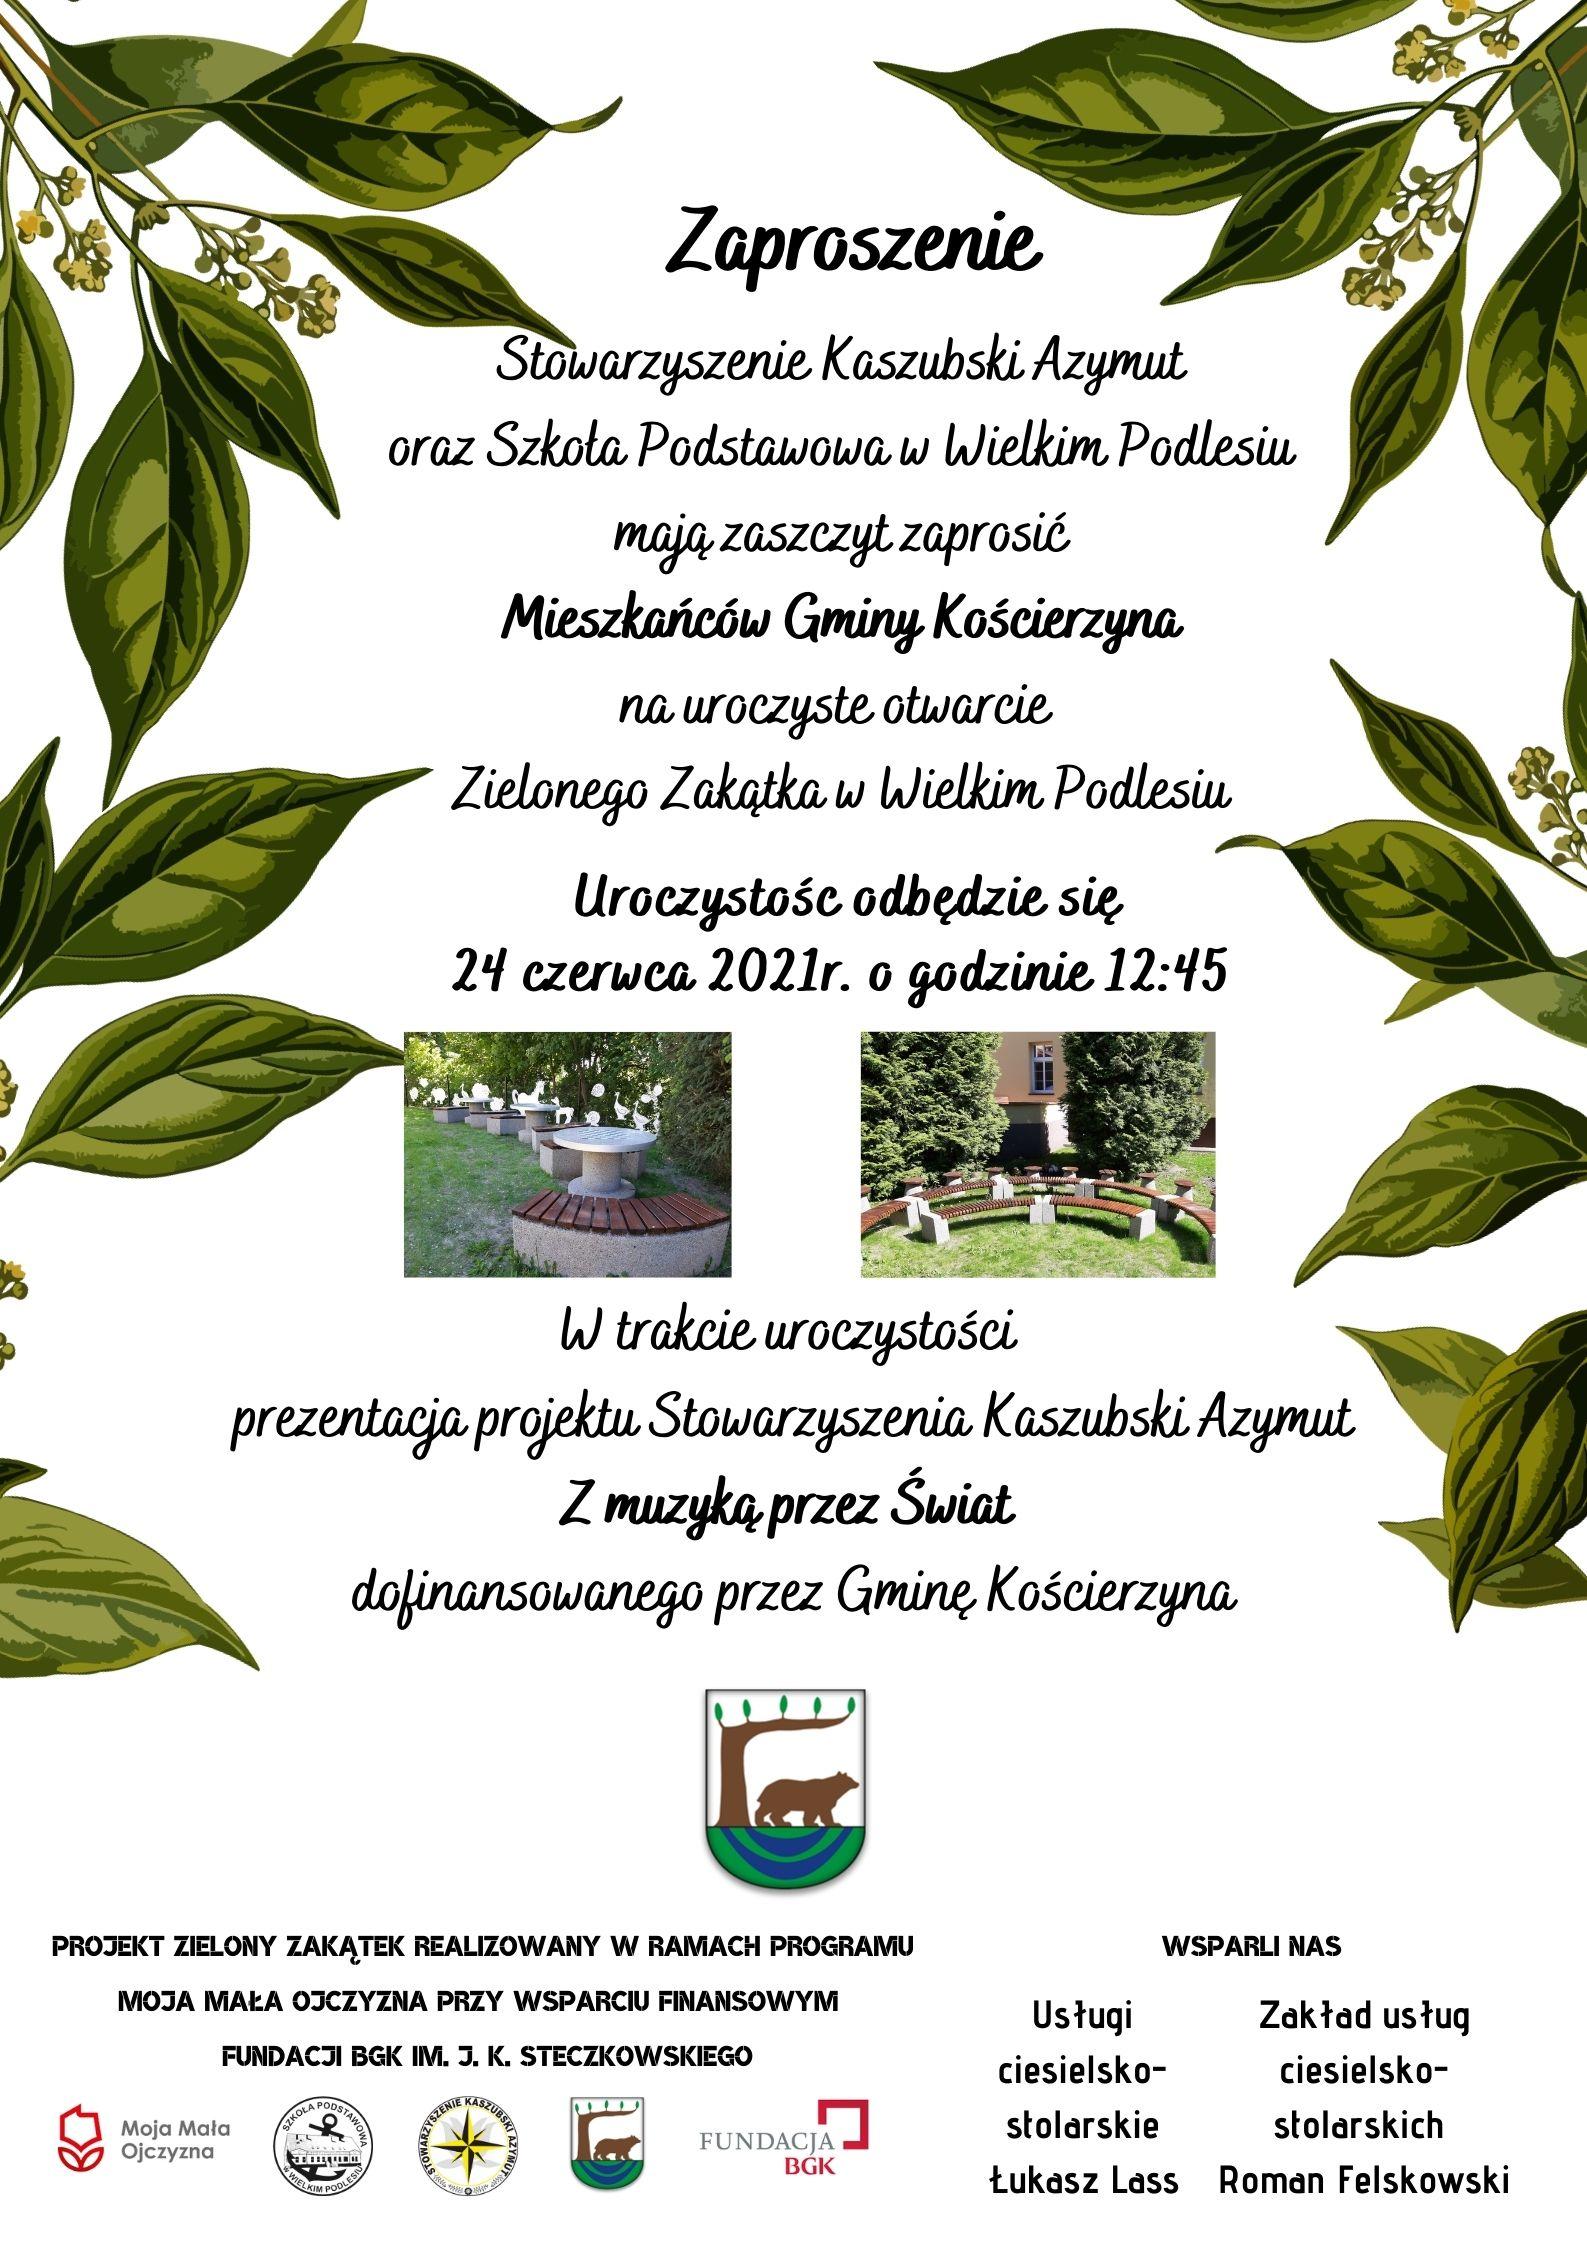 Zaproszenie na otwarcie Zielonego Zakątka w Wielkim Podlesiu